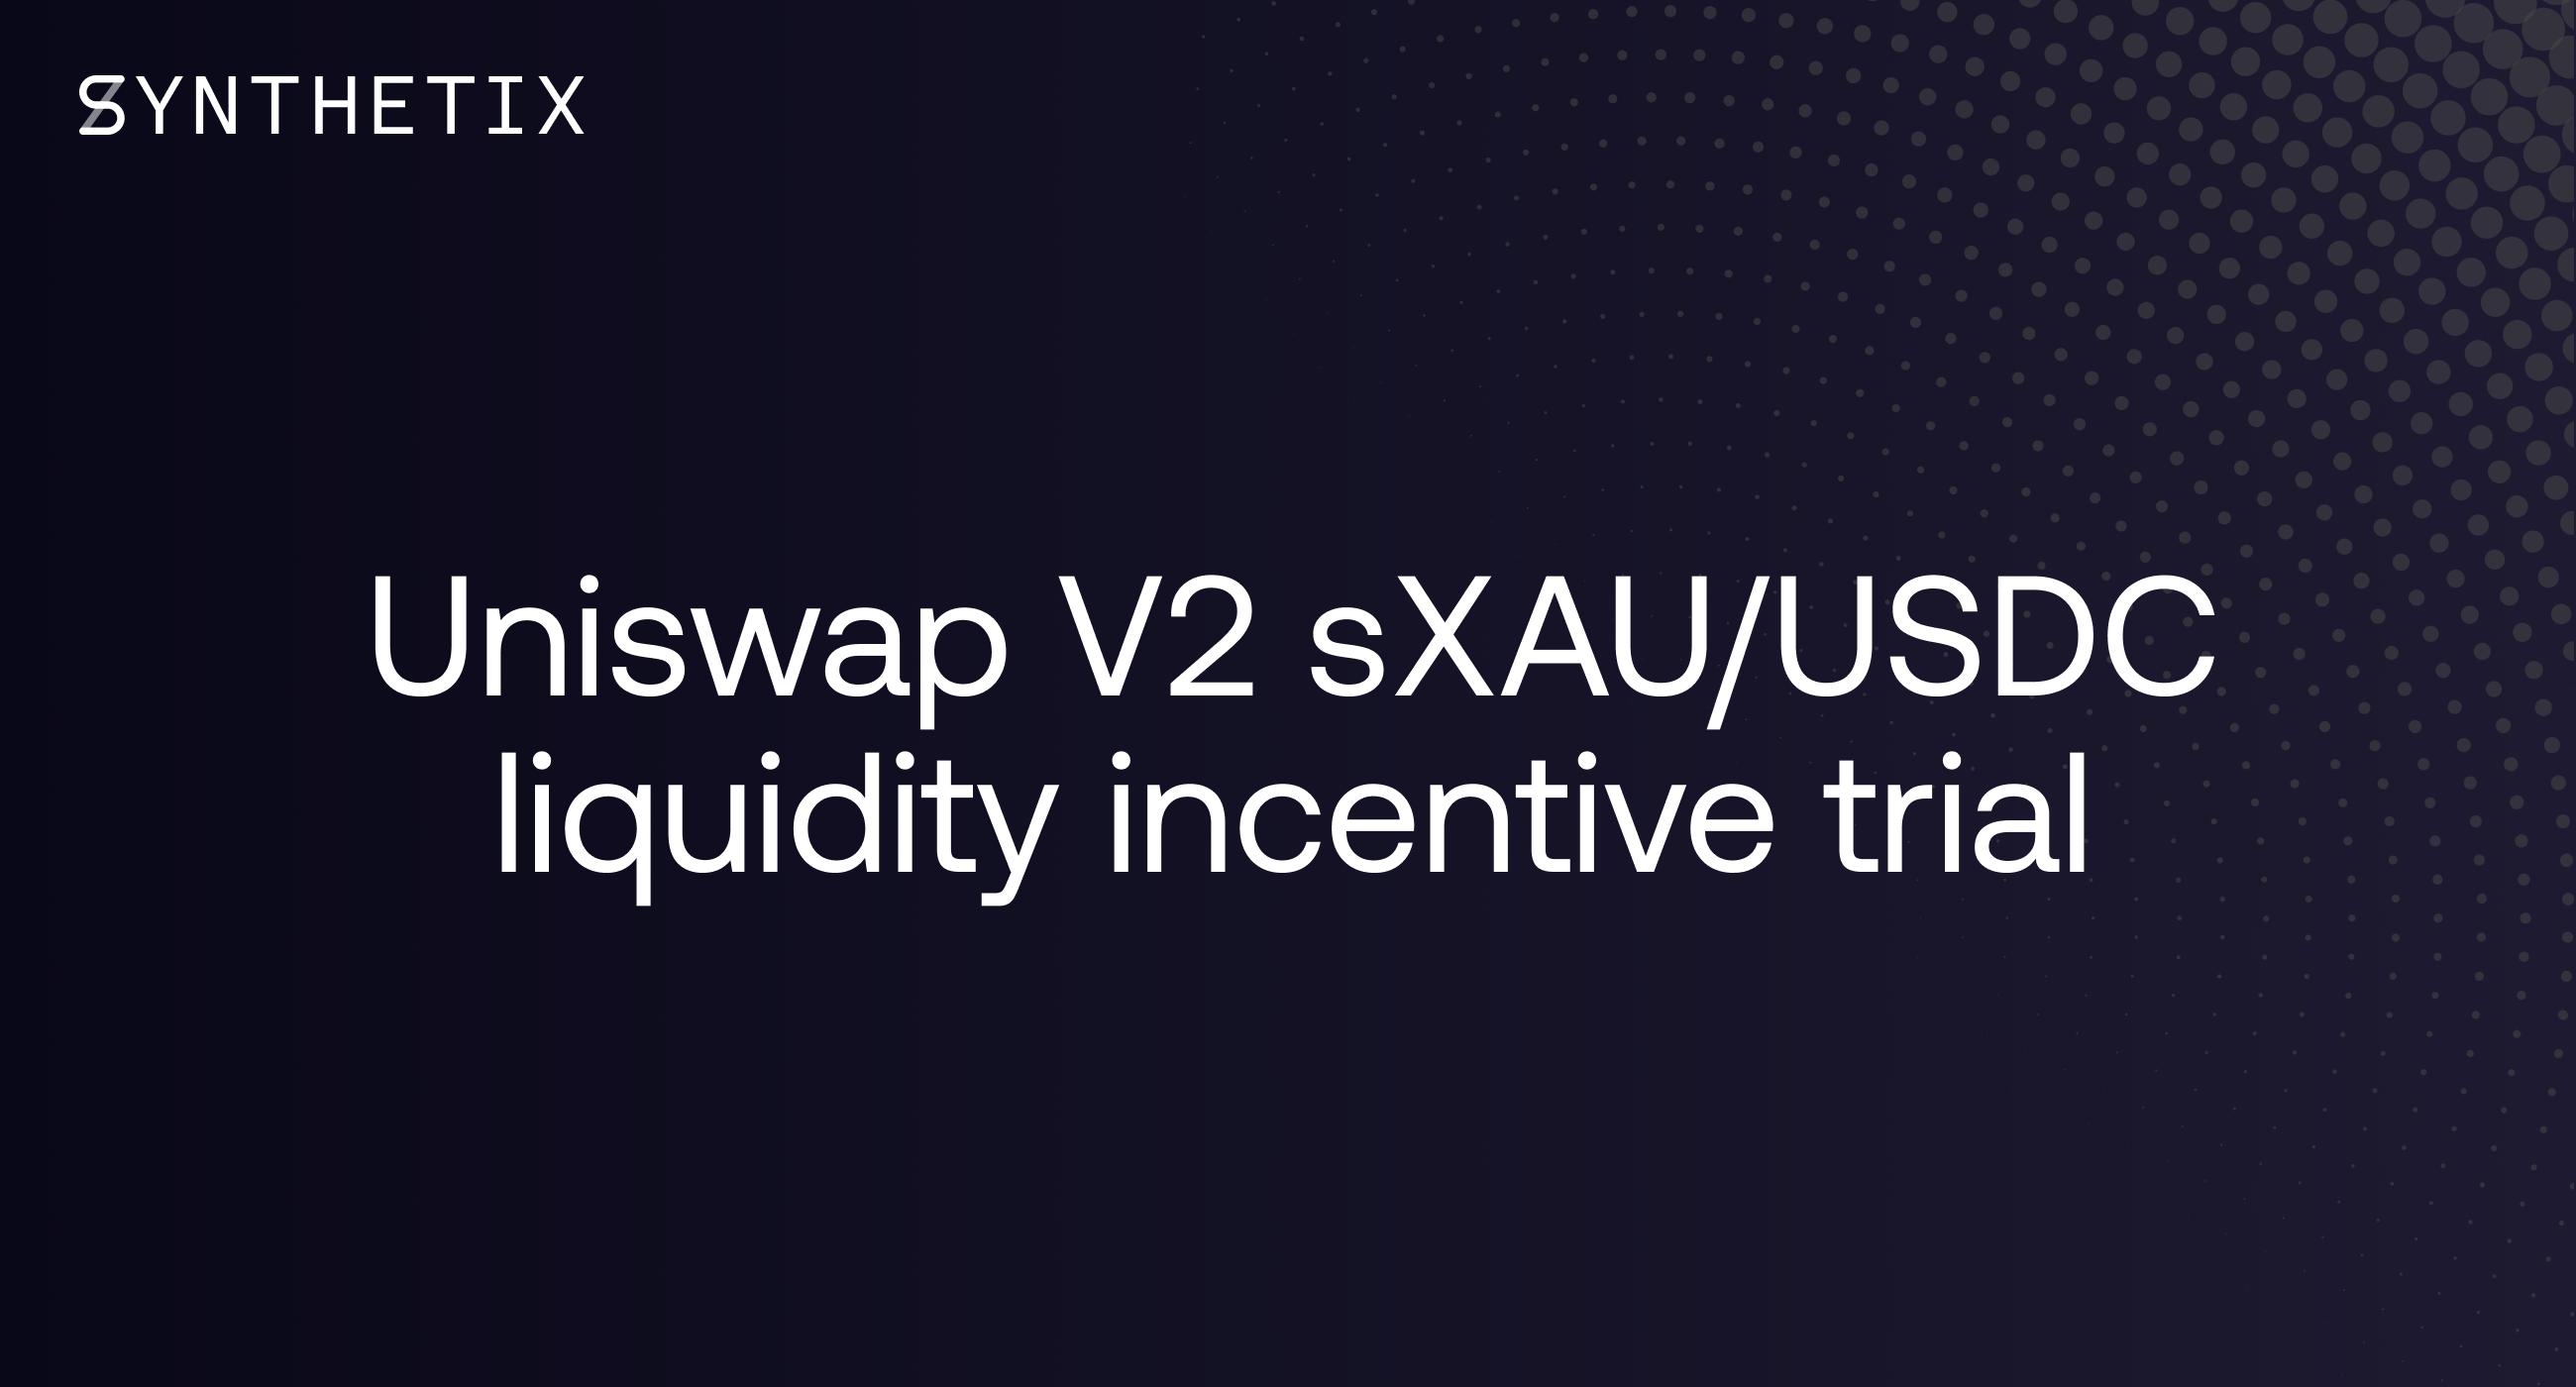 Uniswap V2 sXAU/USDC liquidity incentive trial